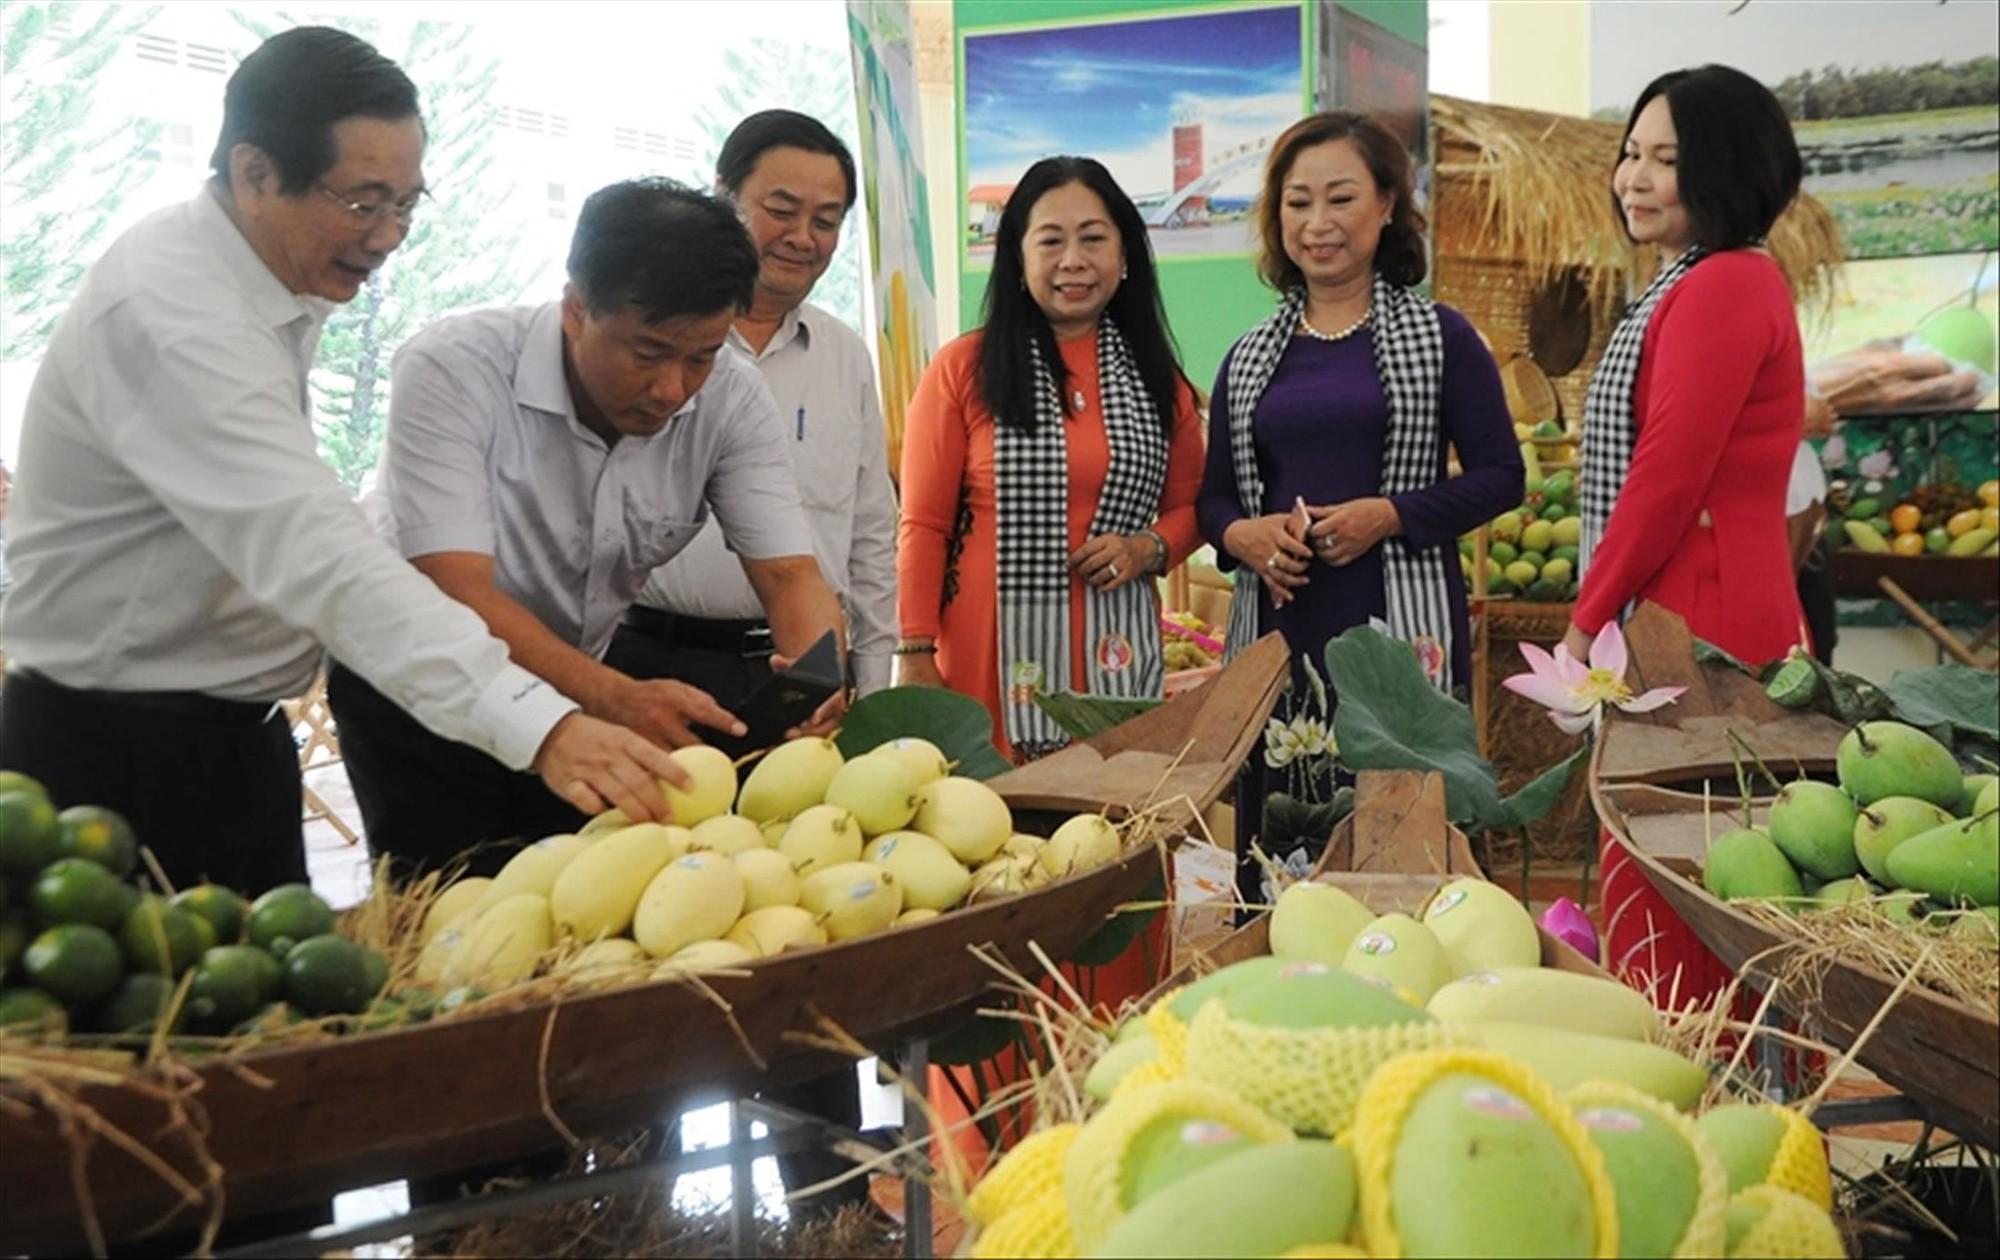 Xuất khẩu rau quả sang Trung Quốc: Sụt giảm sau nhiều năm tăng trưởng - Ảnh 1.